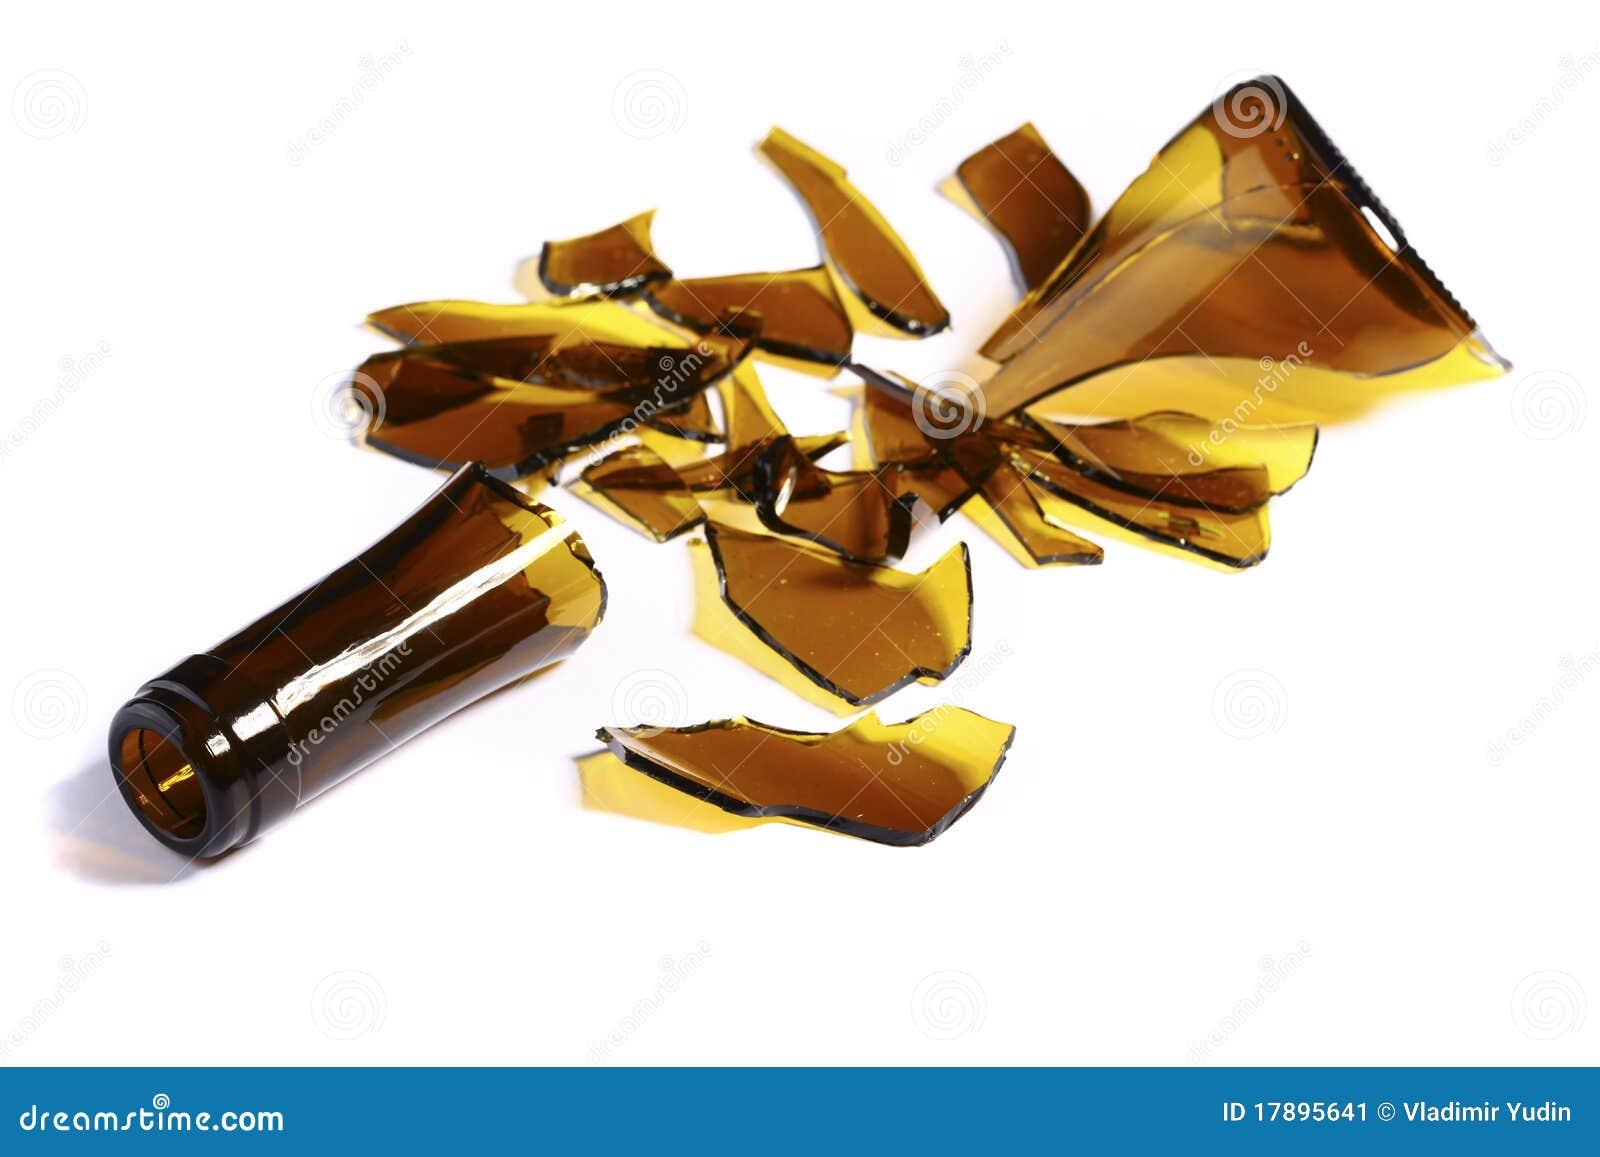 Broken Bottle Glass Stock Image - Image: 17895641